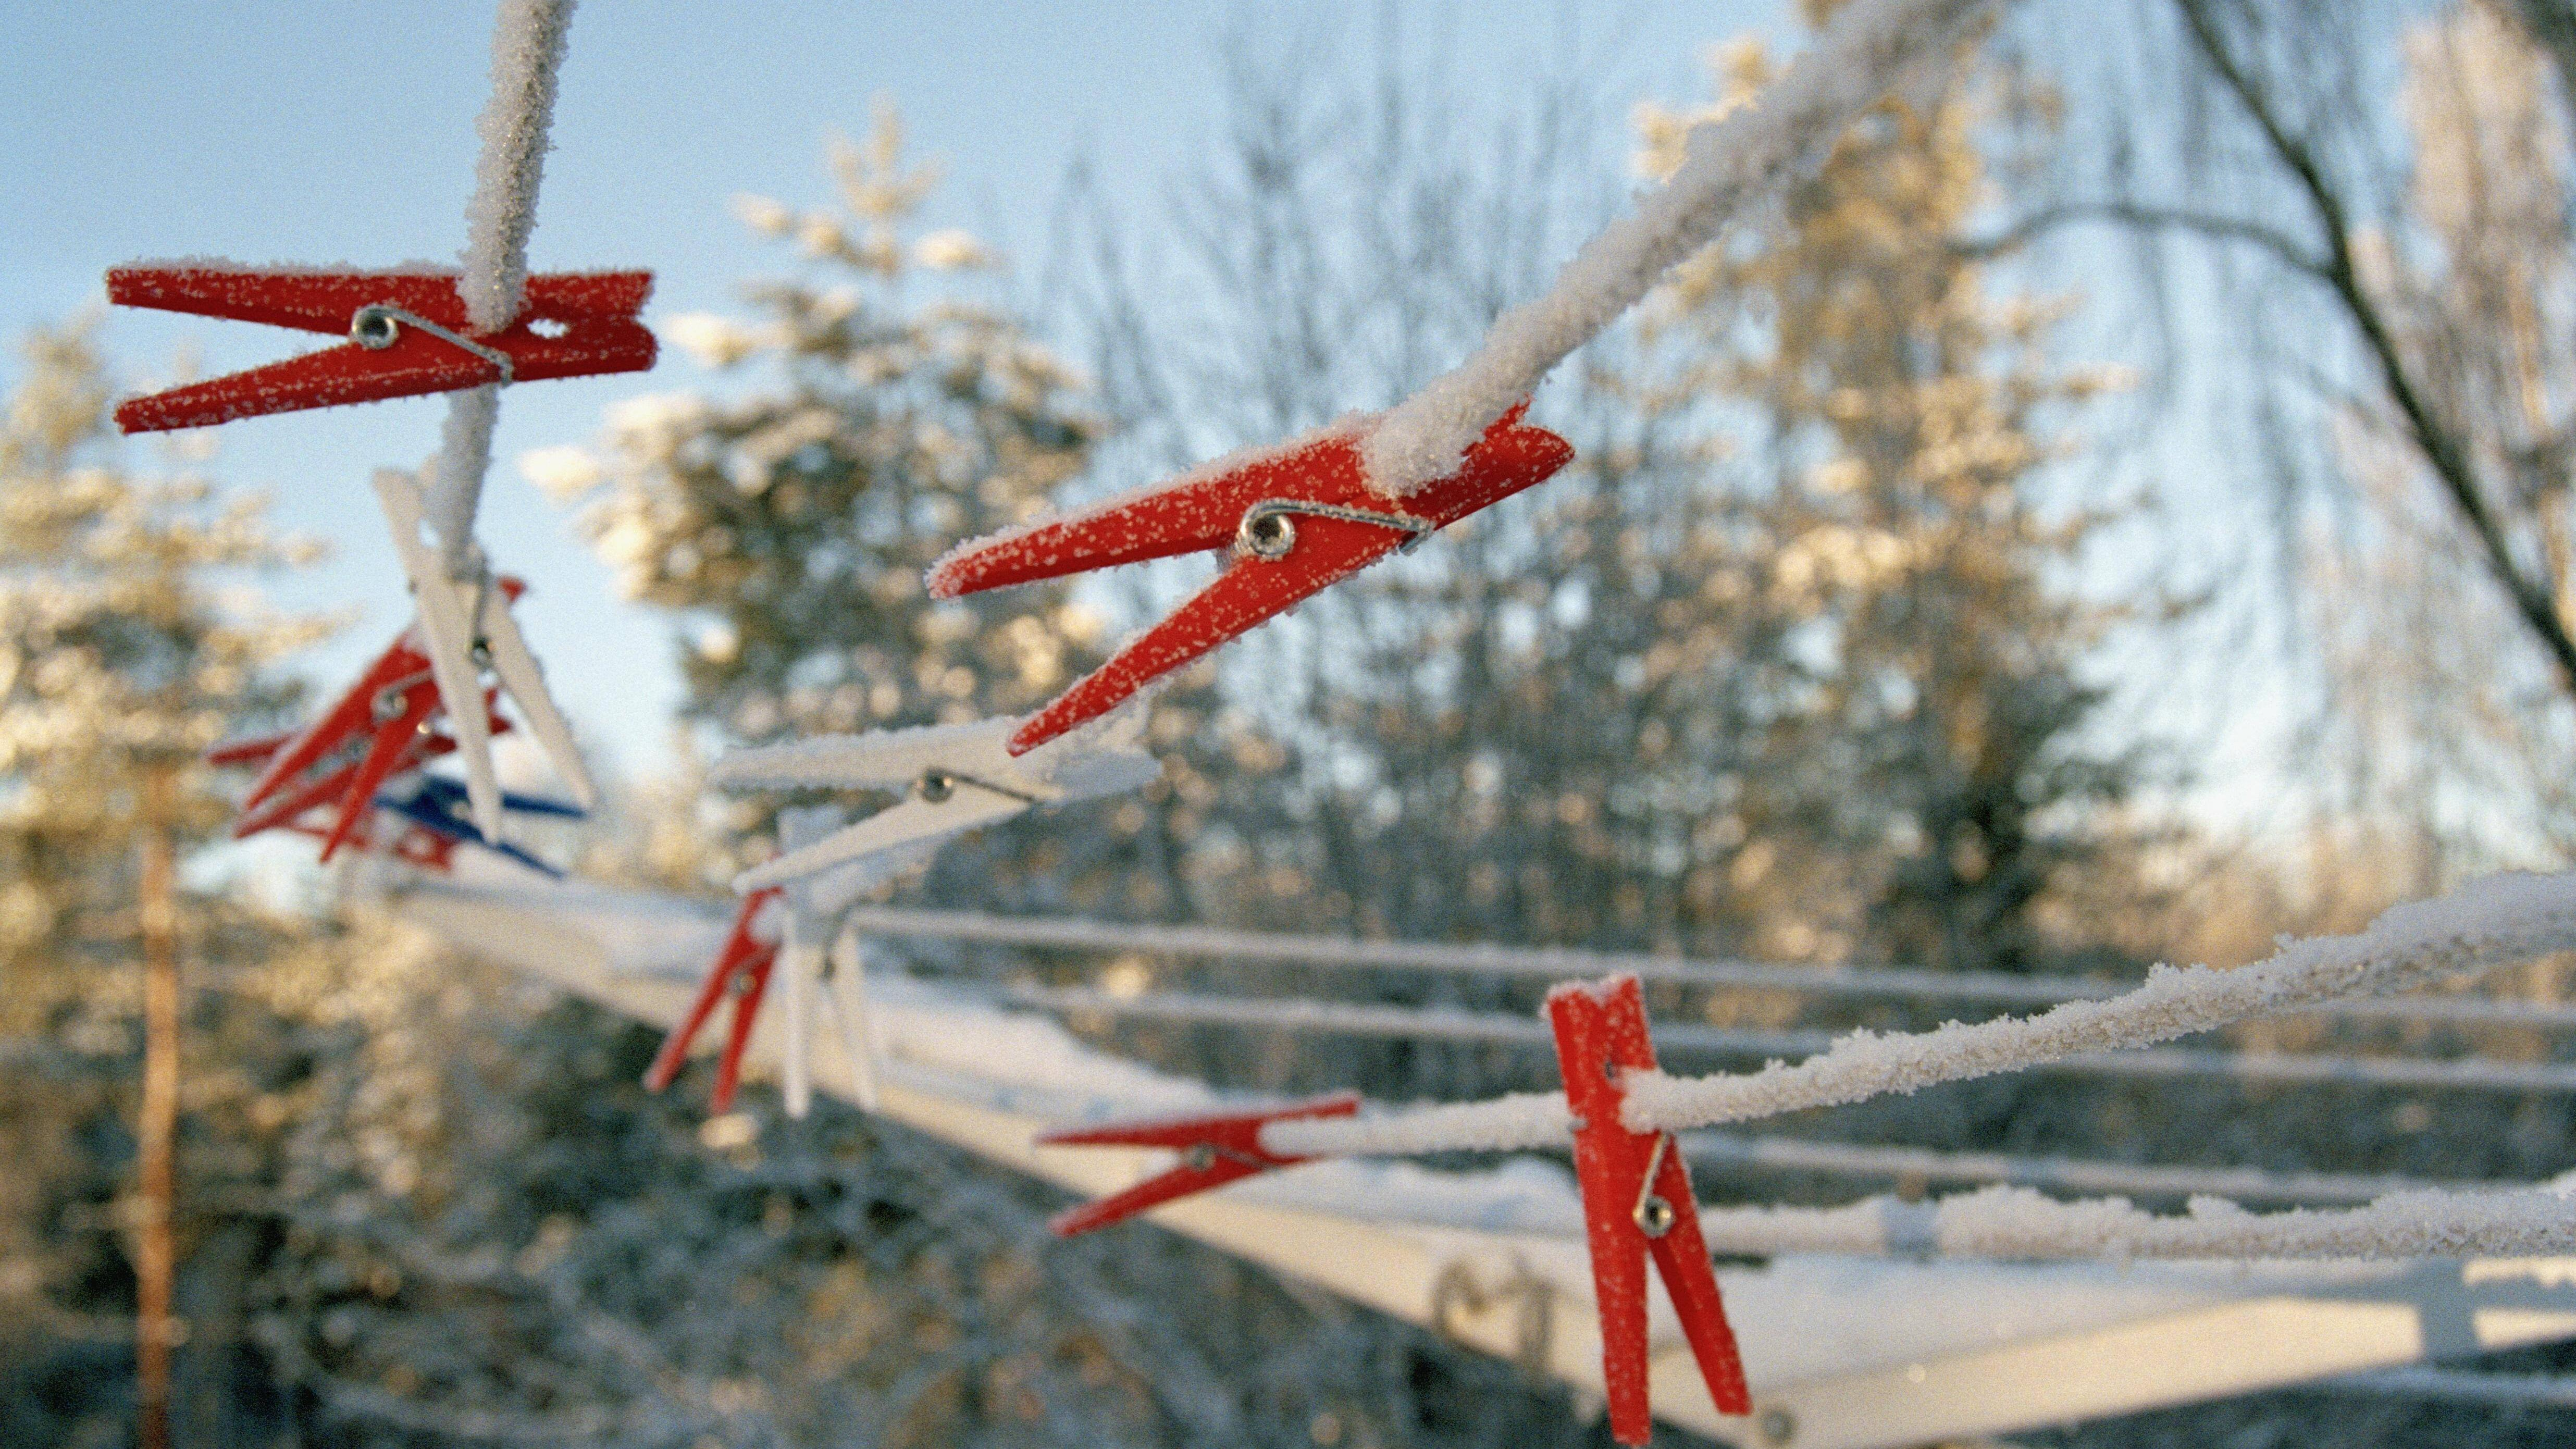 Wäsche im Winter draußen trocknen: Deshalb sollten Sie das tun